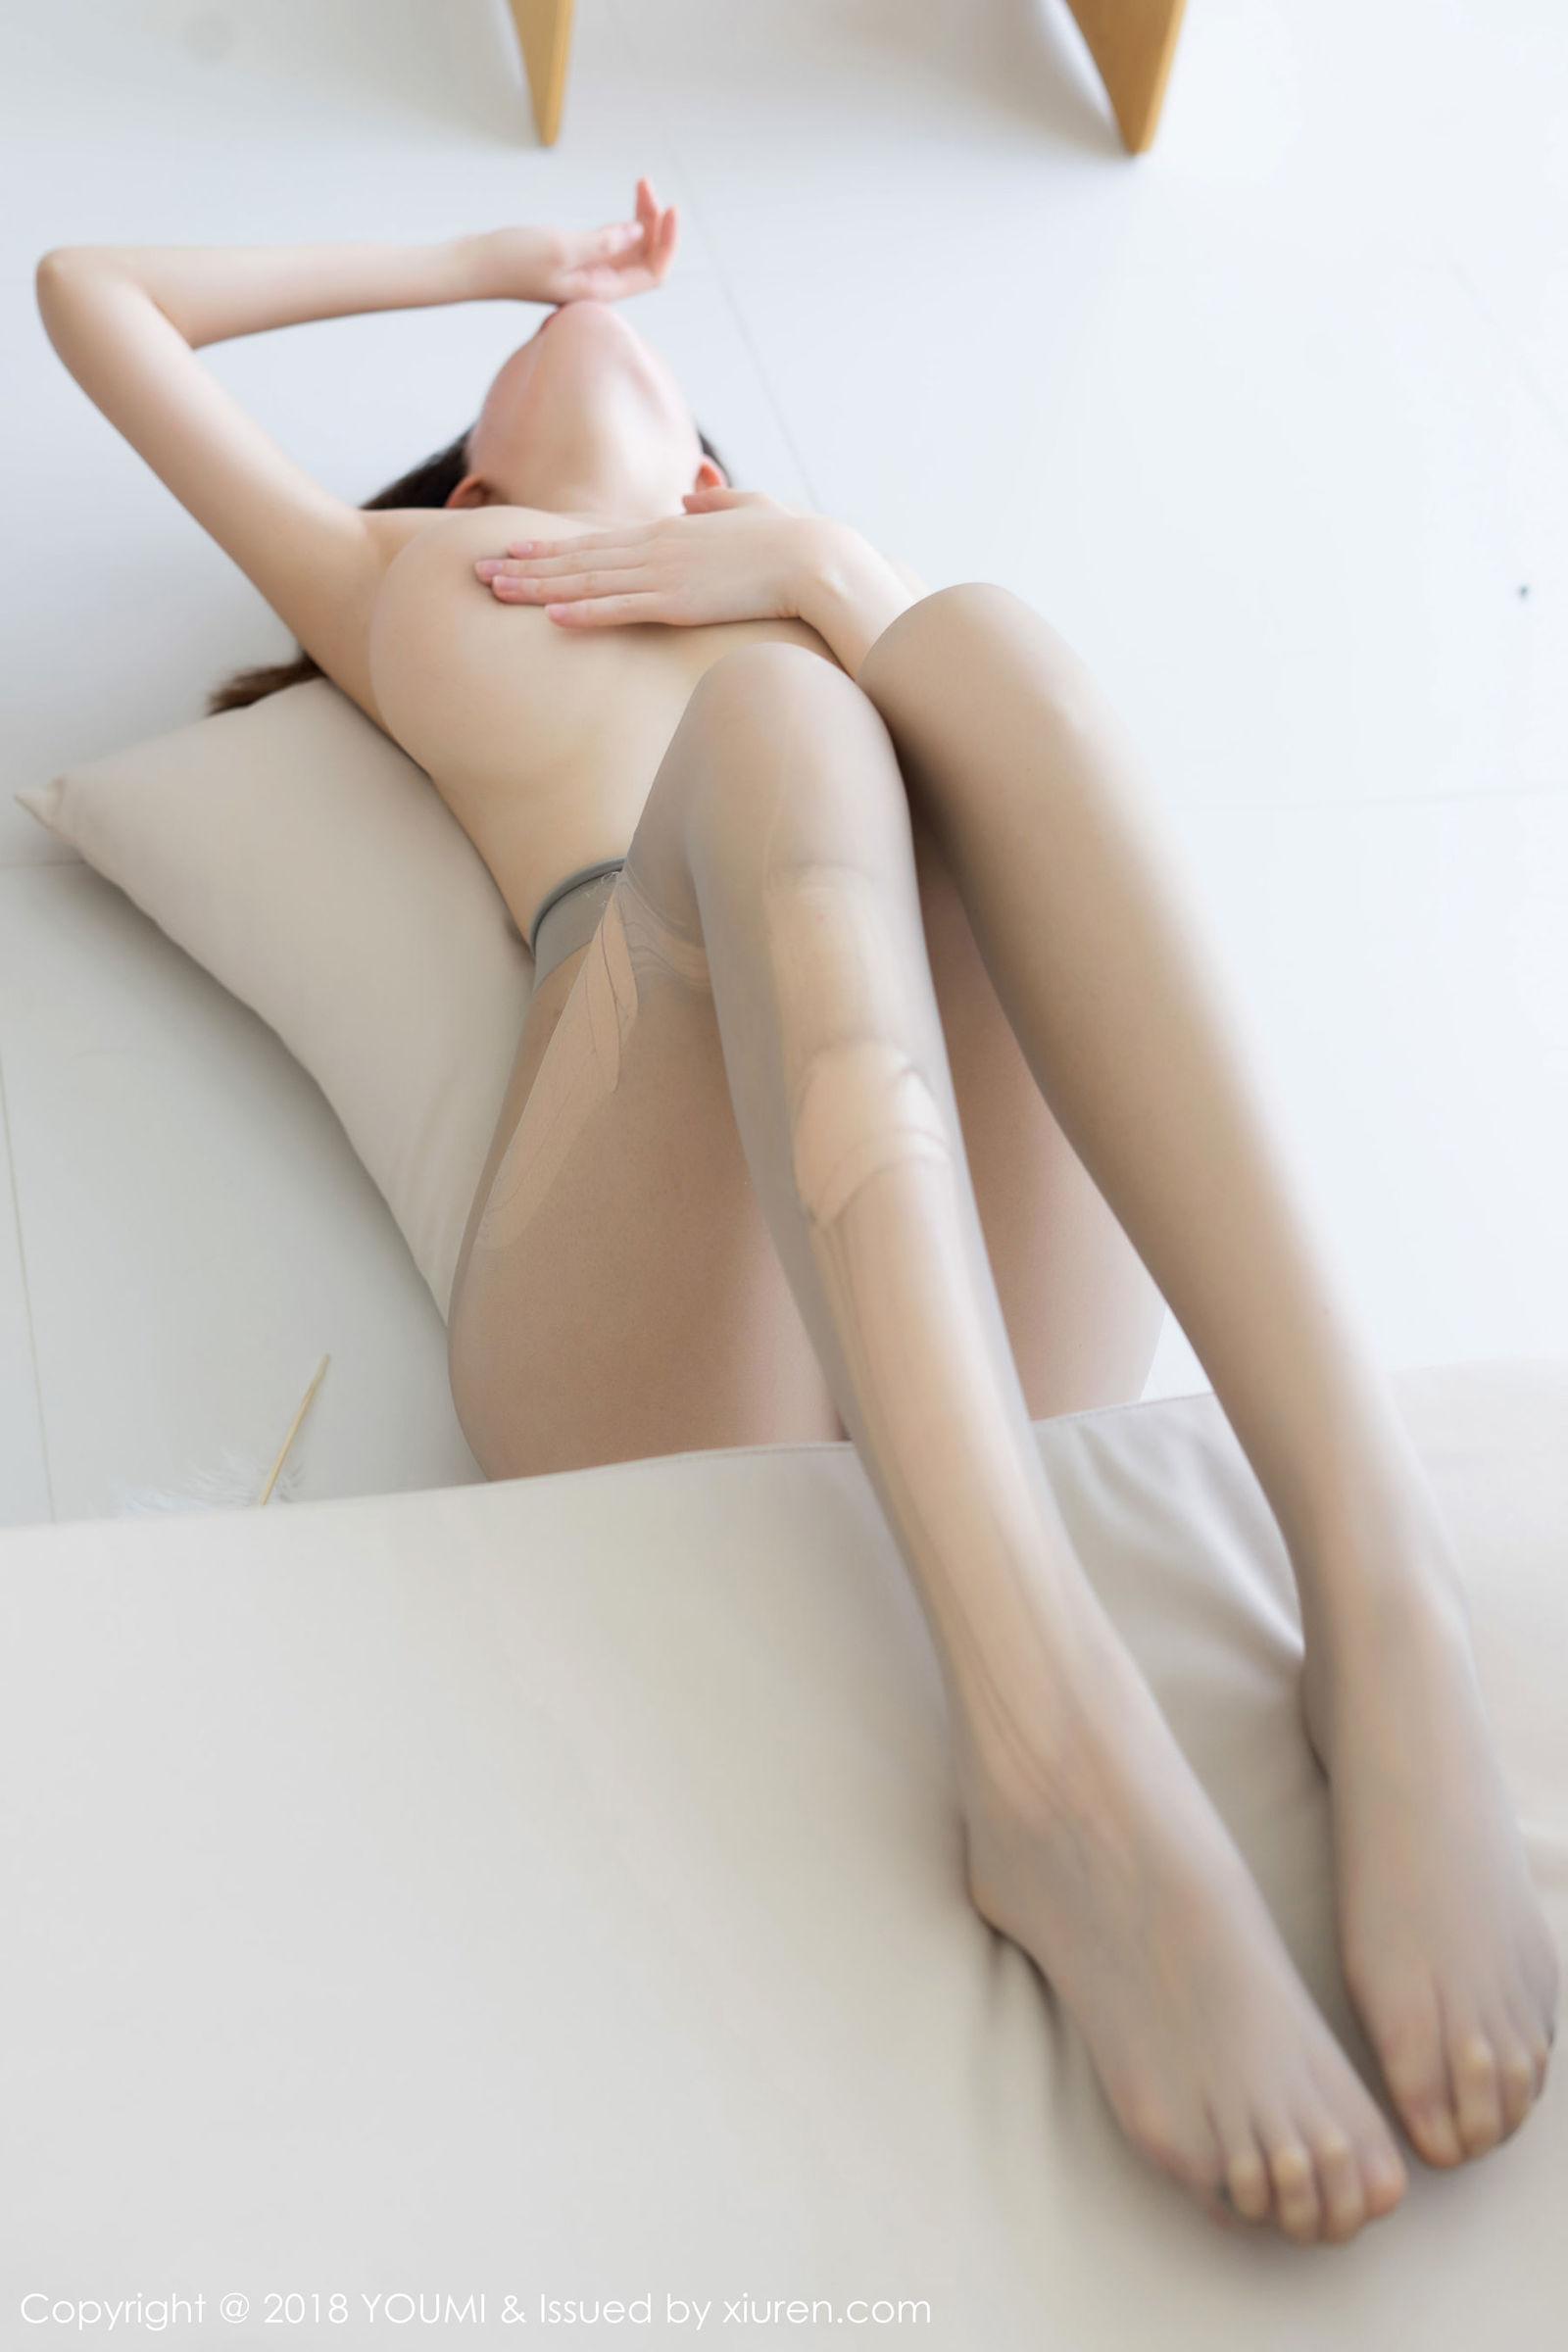 [YouMi尤蜜荟] Vol.168 土肥圆矮挫丑黑穷 - 丝袜魅惑 丝袜美图[40P]